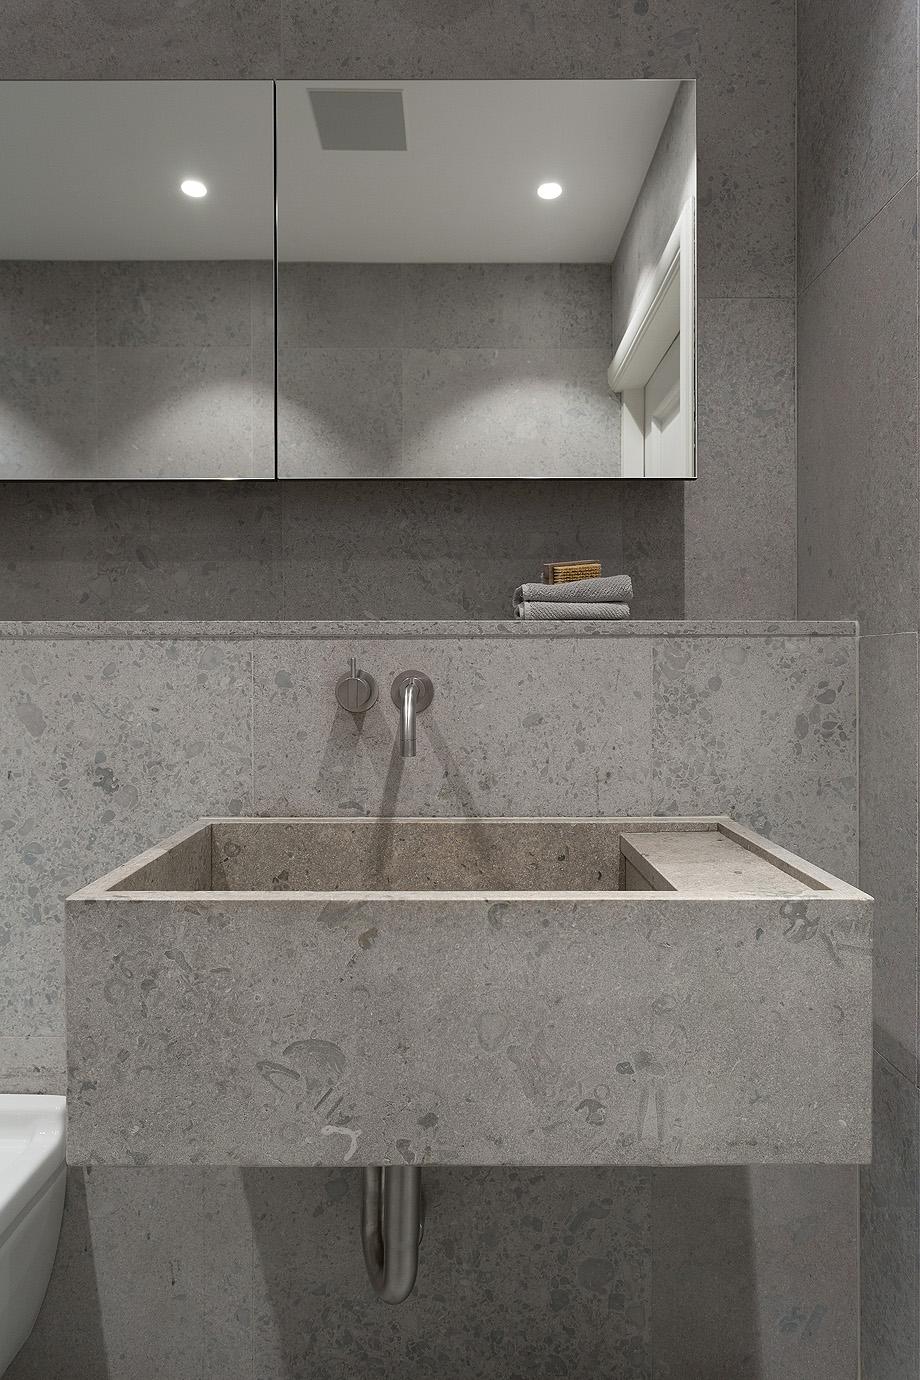 apartamento en gris y oro de richard lindvall (11)